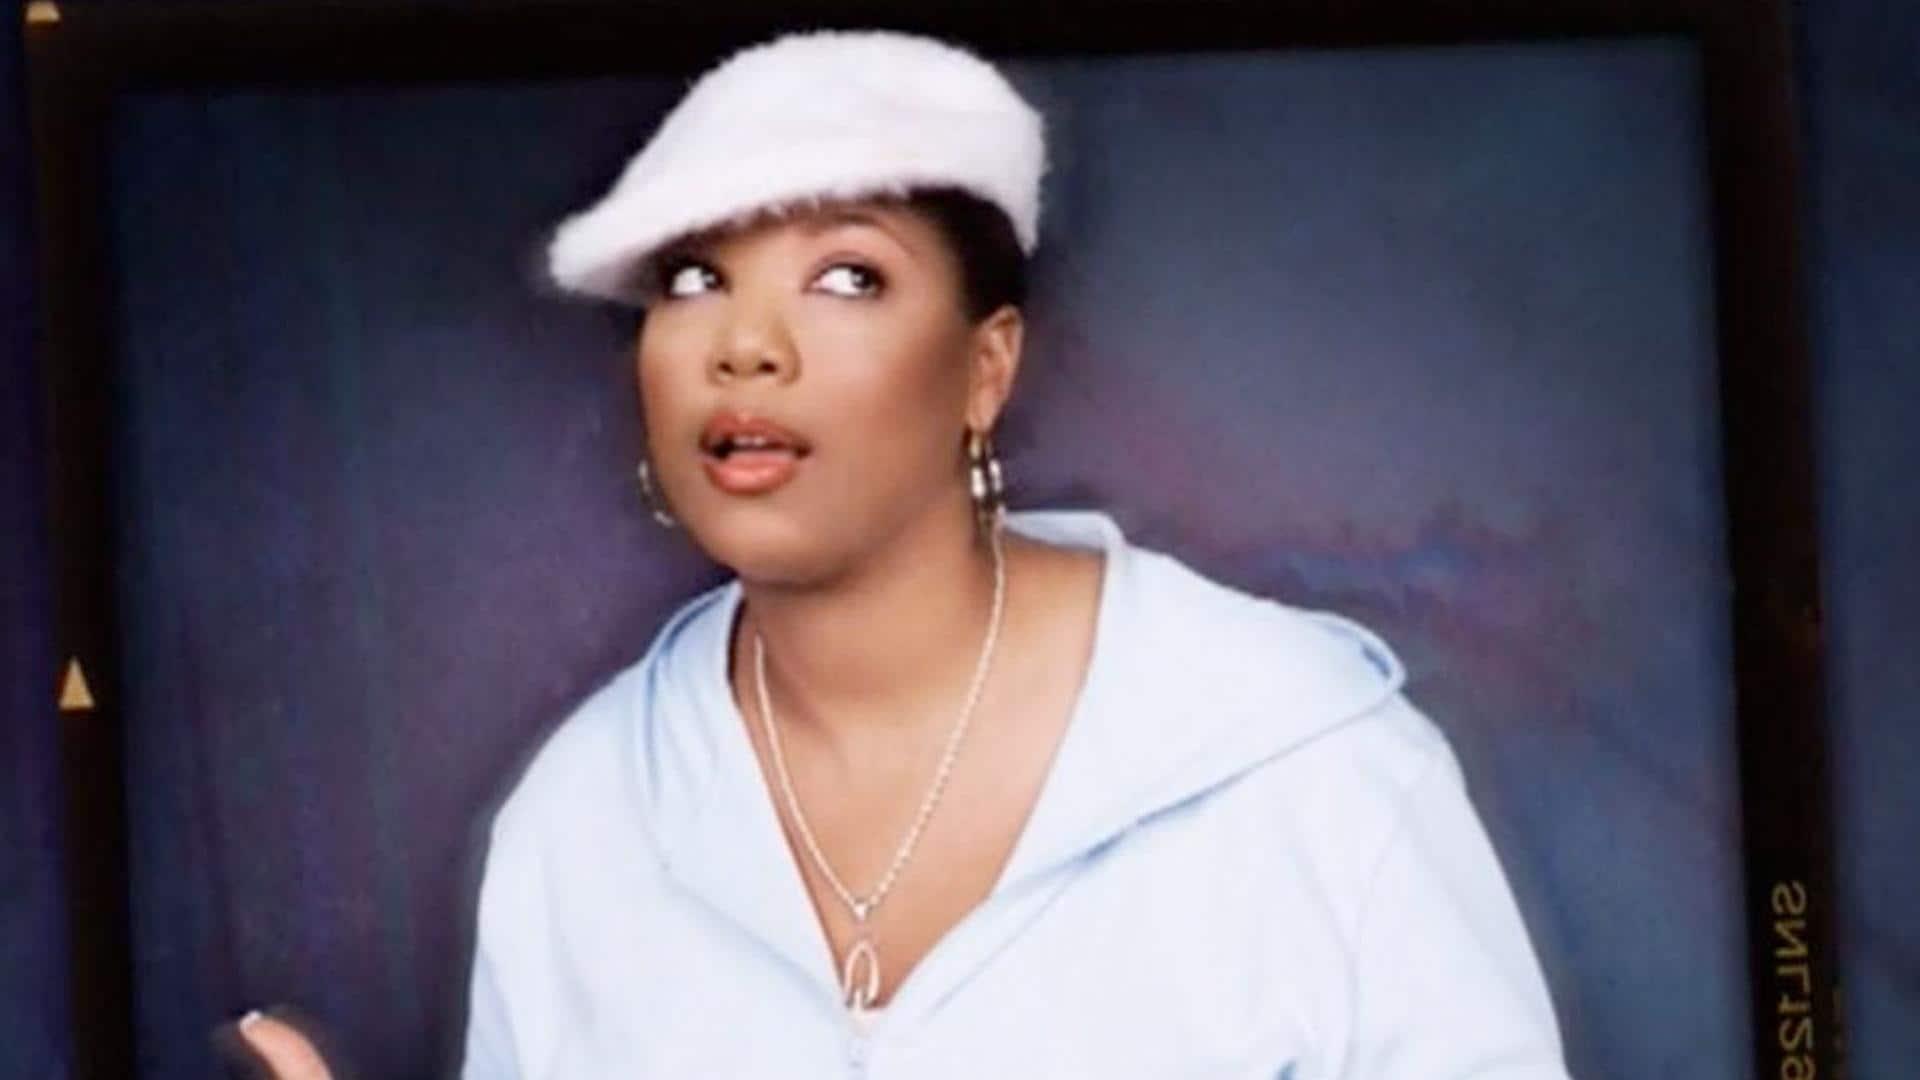 Queen Latifah: March 8, 2003